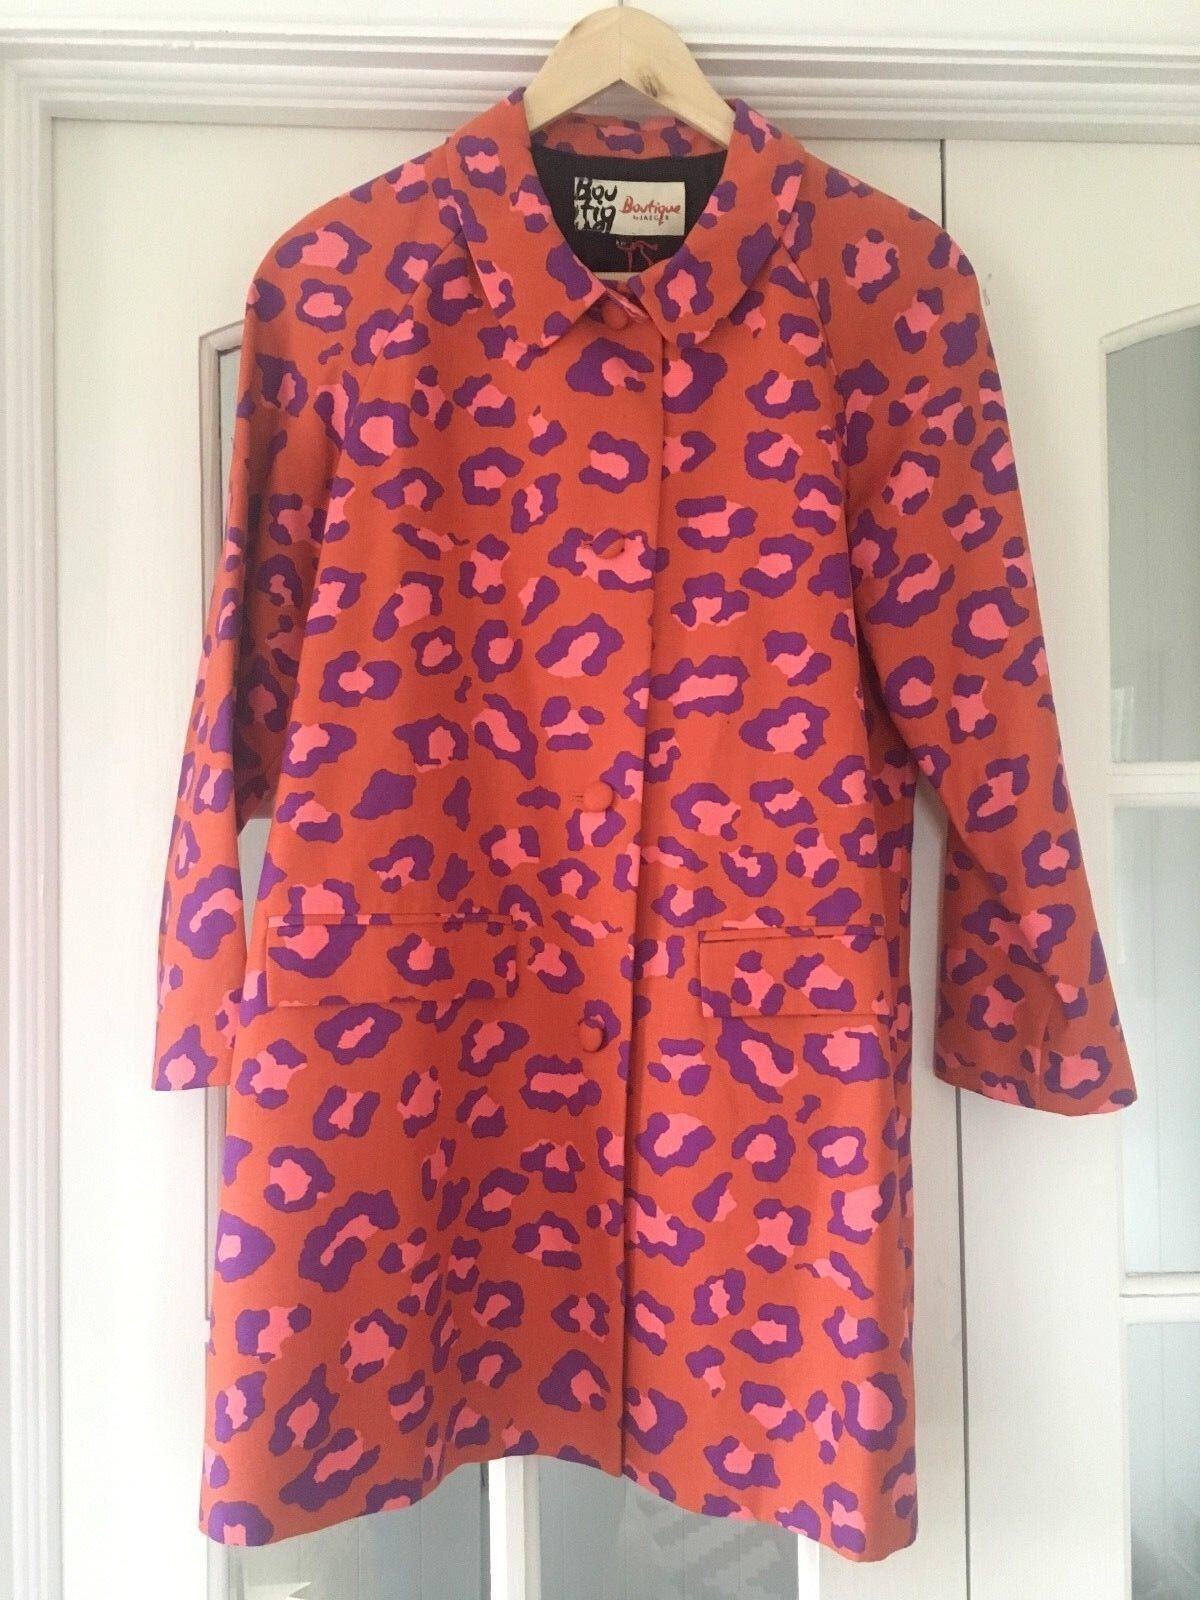 Boutique By Jaeger Cotton Leopard Animal Print Button Coat orange Purple BNWT